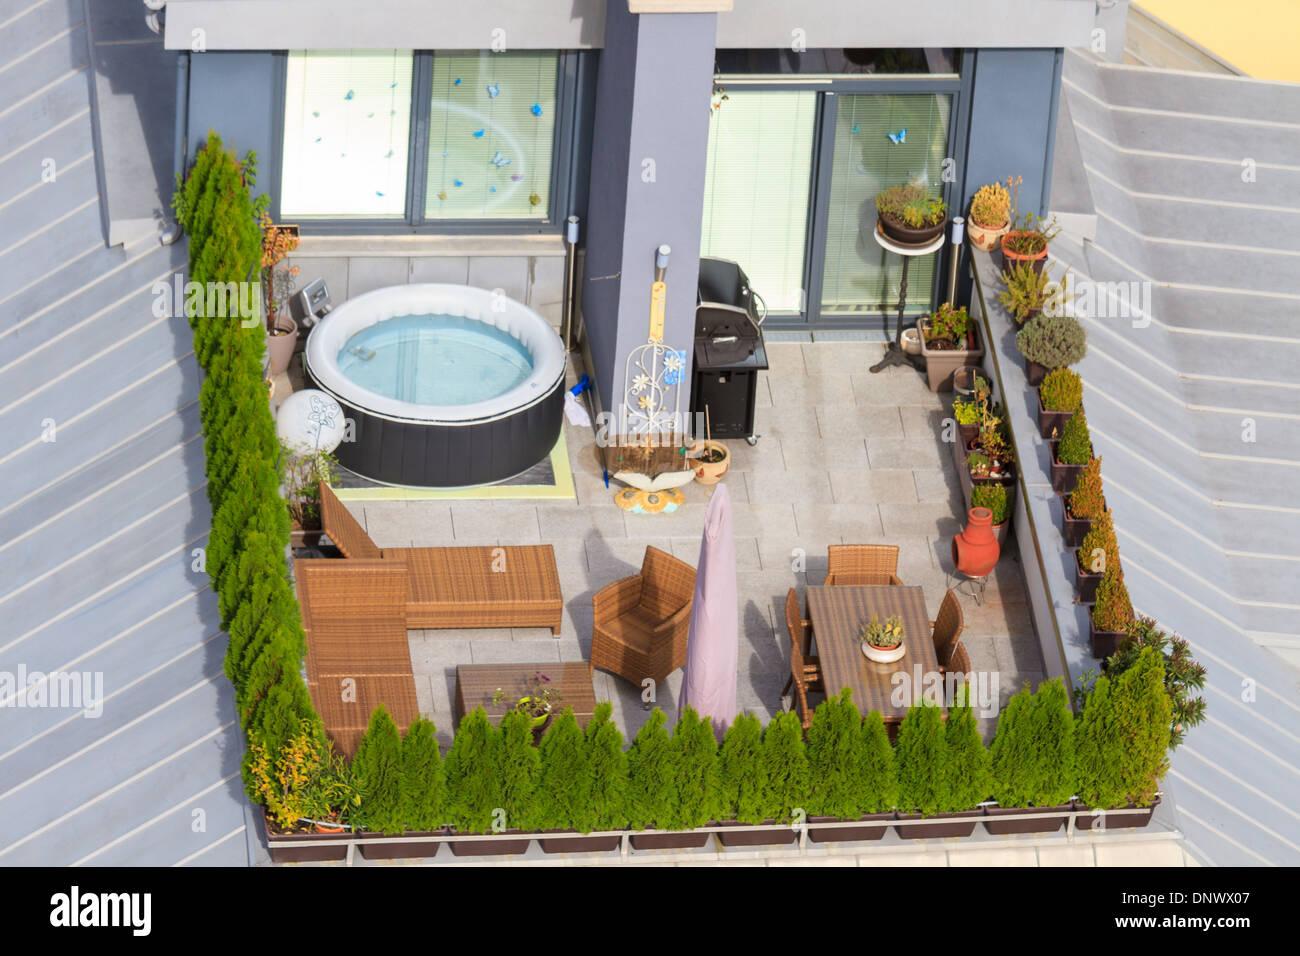 Terrasse Auf Dem Dach Mit Grunen Garten Und Whirlpool Stockfoto